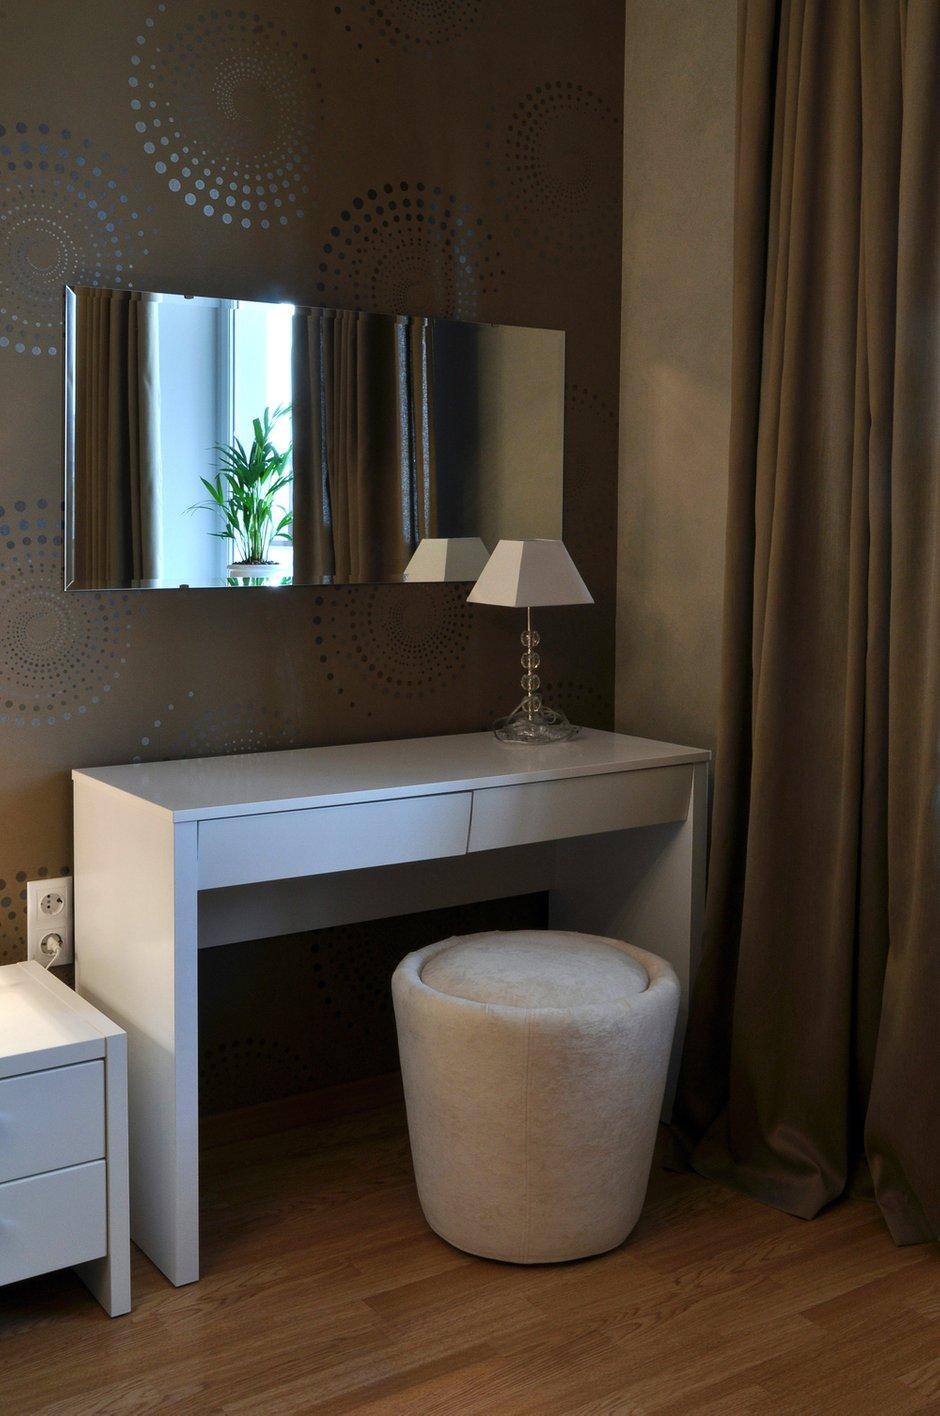 Фотография: Мебель и свет в стиле Современный, Восточный, Малогабаритная квартира, Квартира, Цвет в интерьере, Дома и квартиры, Белый, Переделка – фото на INMYROOM